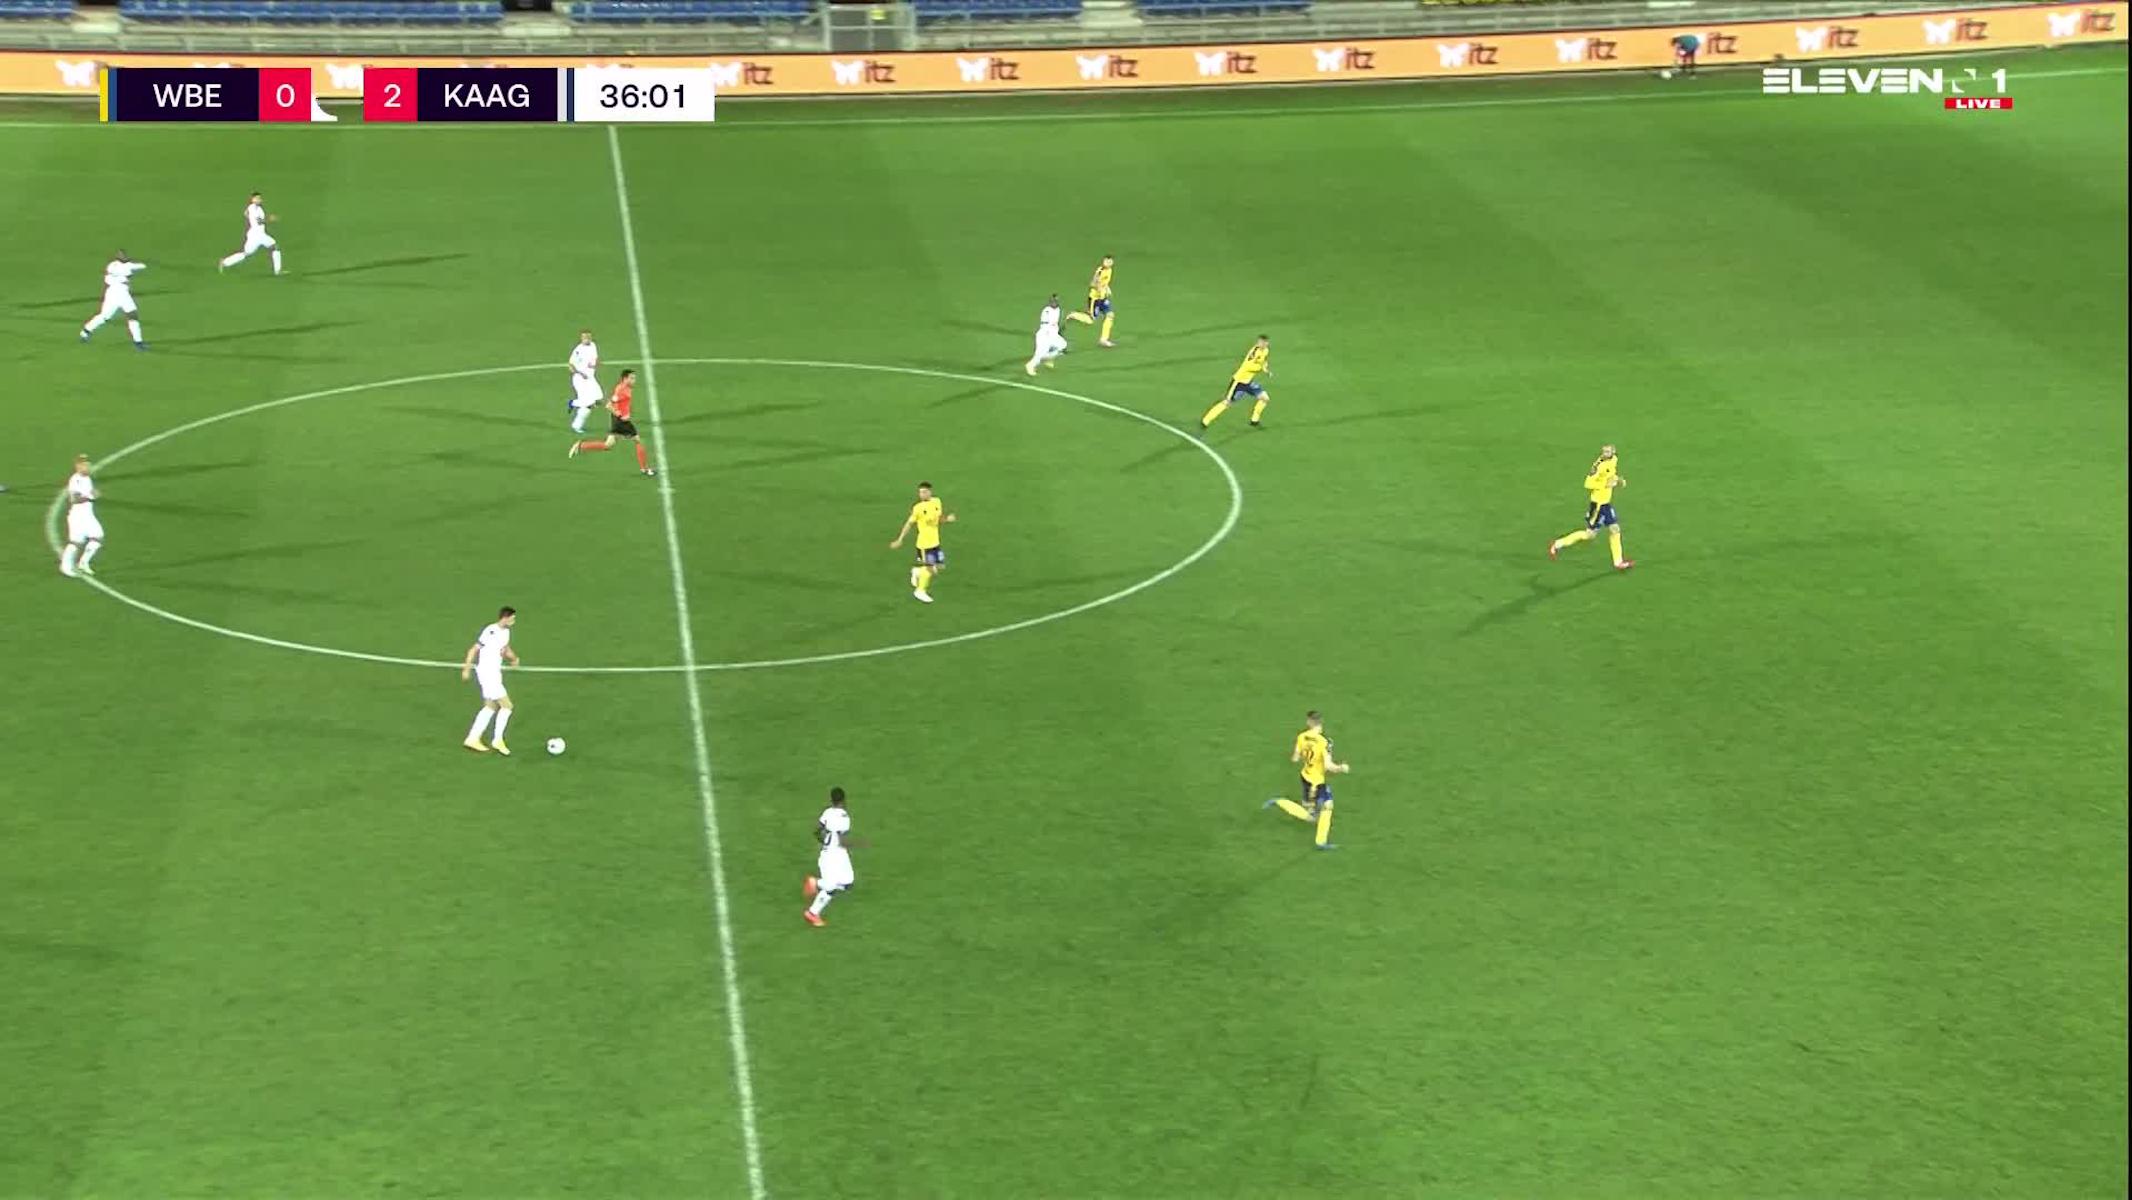 Doelpunt Roman Yaremchuk (Waasland-Beveren vs. KAA Gent)